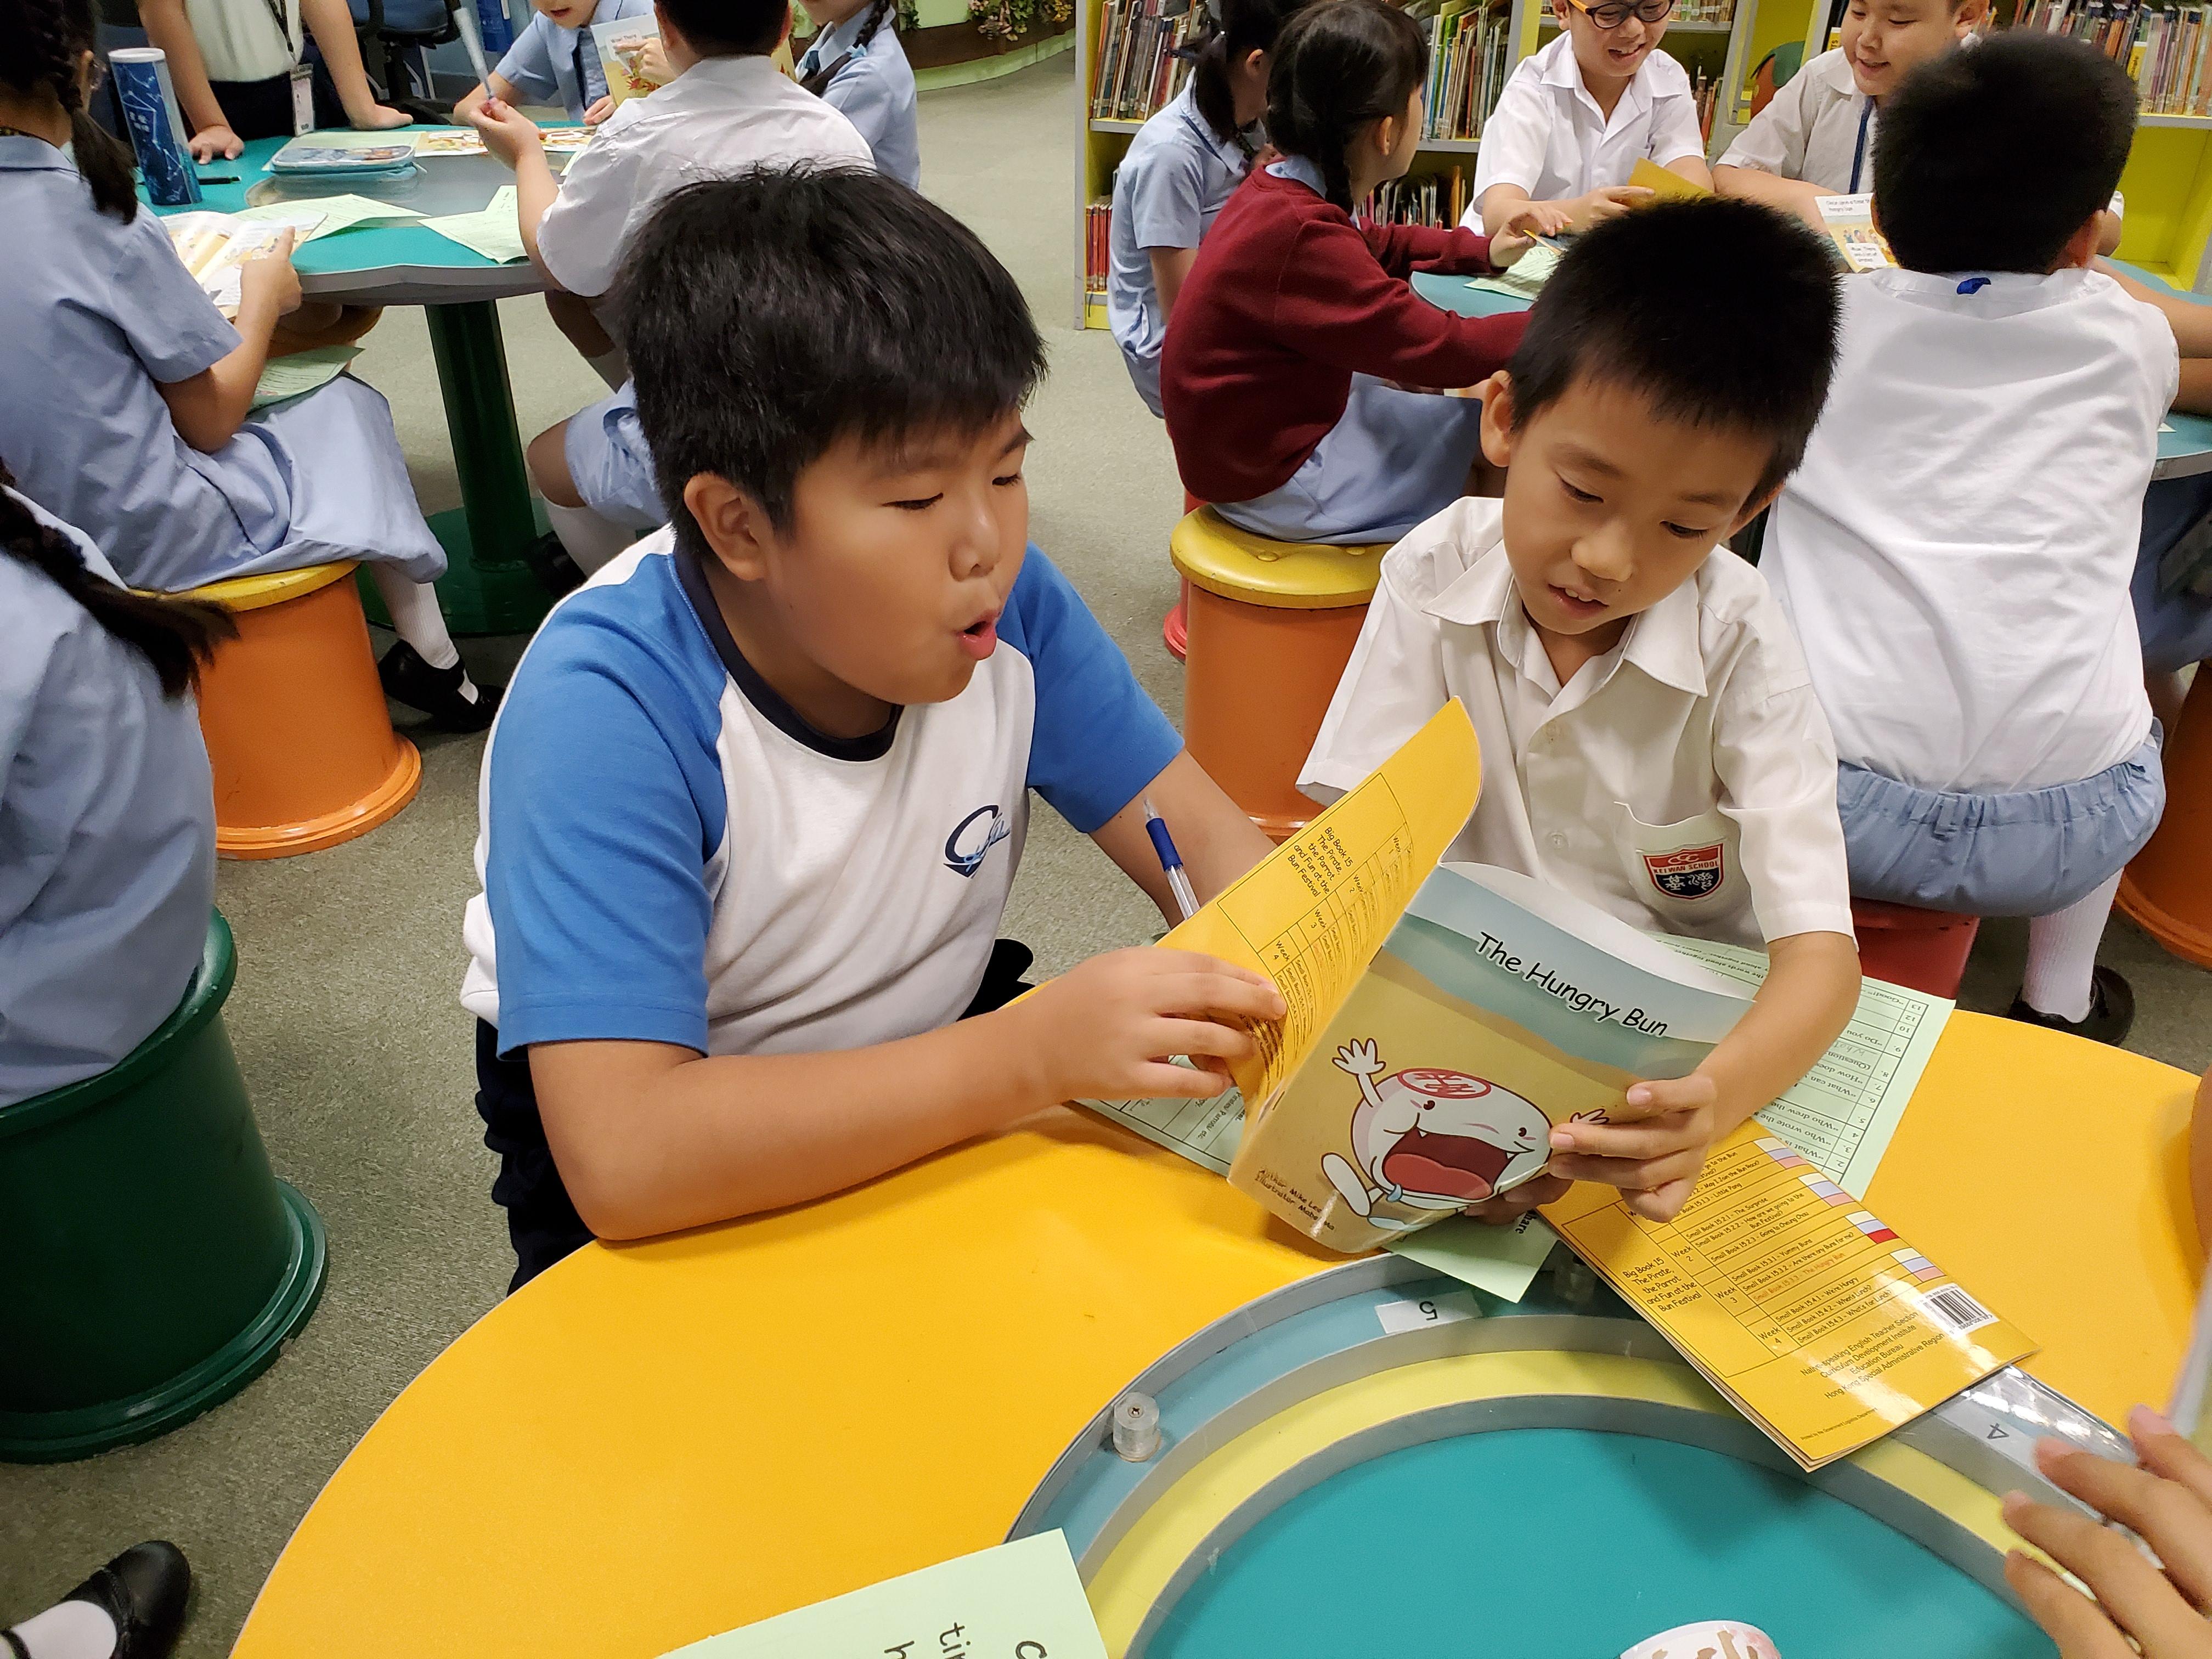 http://www.keiwan.edu.hk/sites/default/files/20191011_101724.jpg